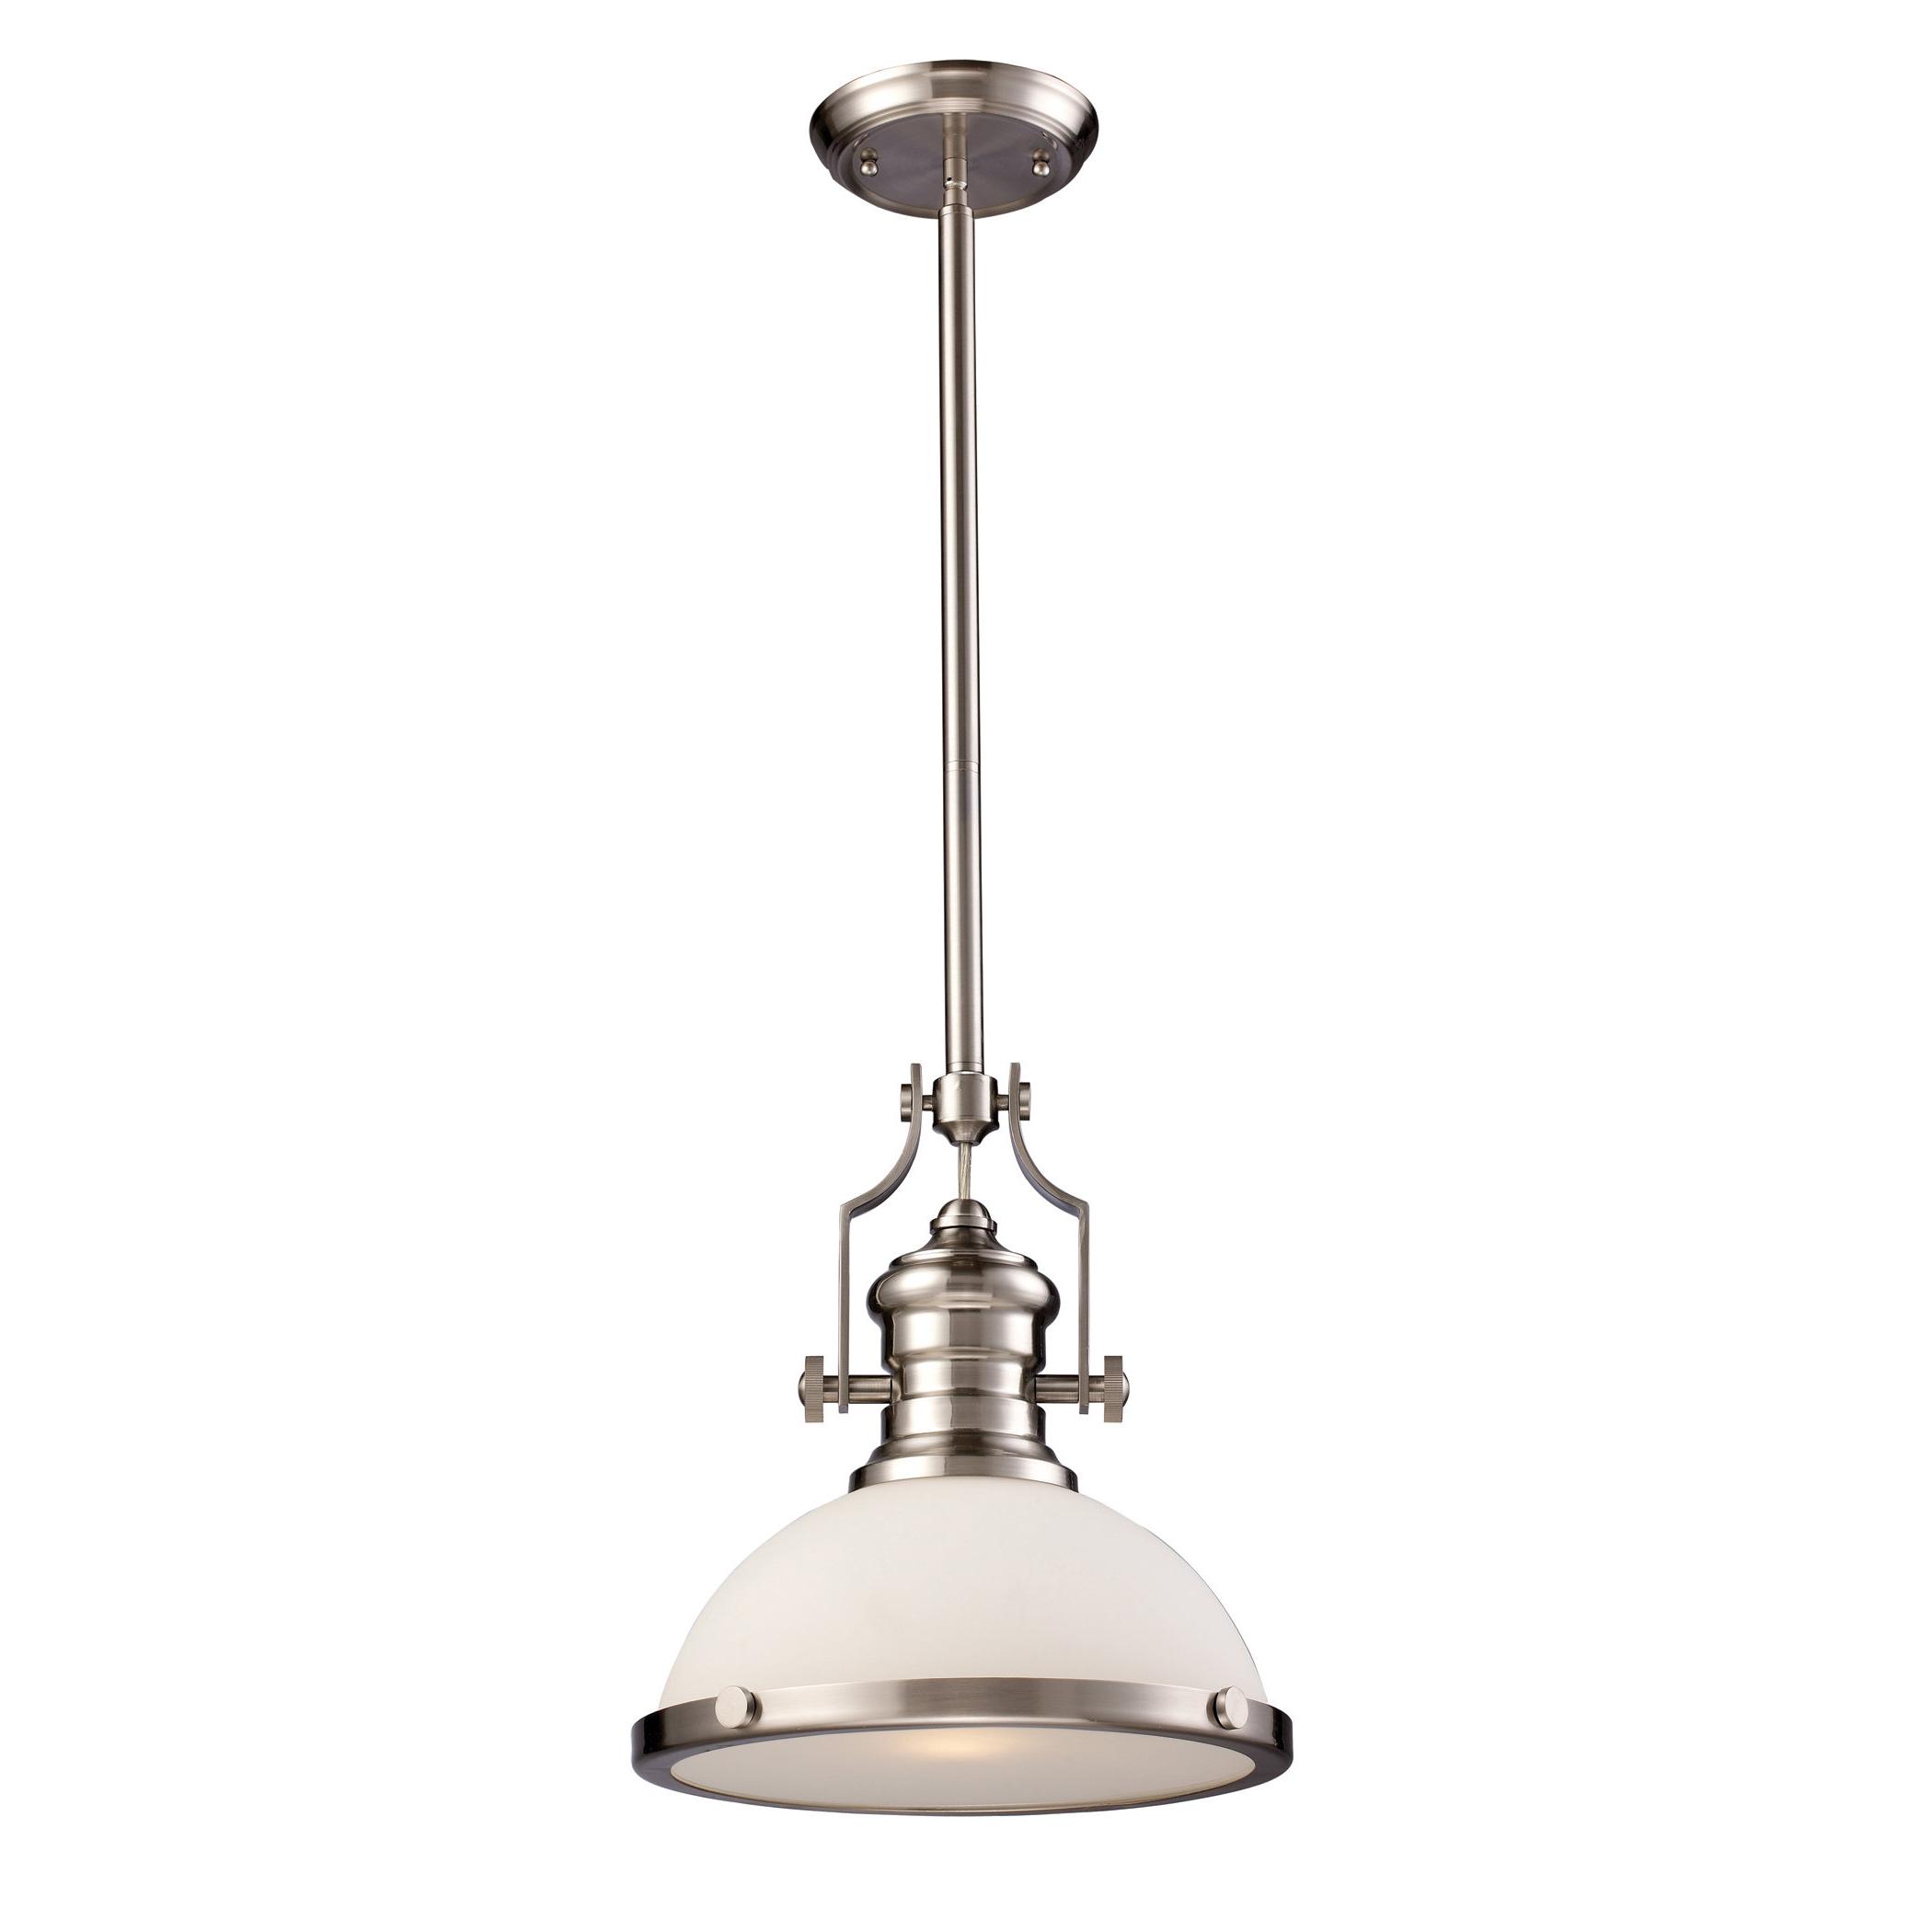 Proctor 1 Light Bowl Pendants Intended For Trendy Proctor 1 Light Bowl Pendant (Gallery 2 of 20)